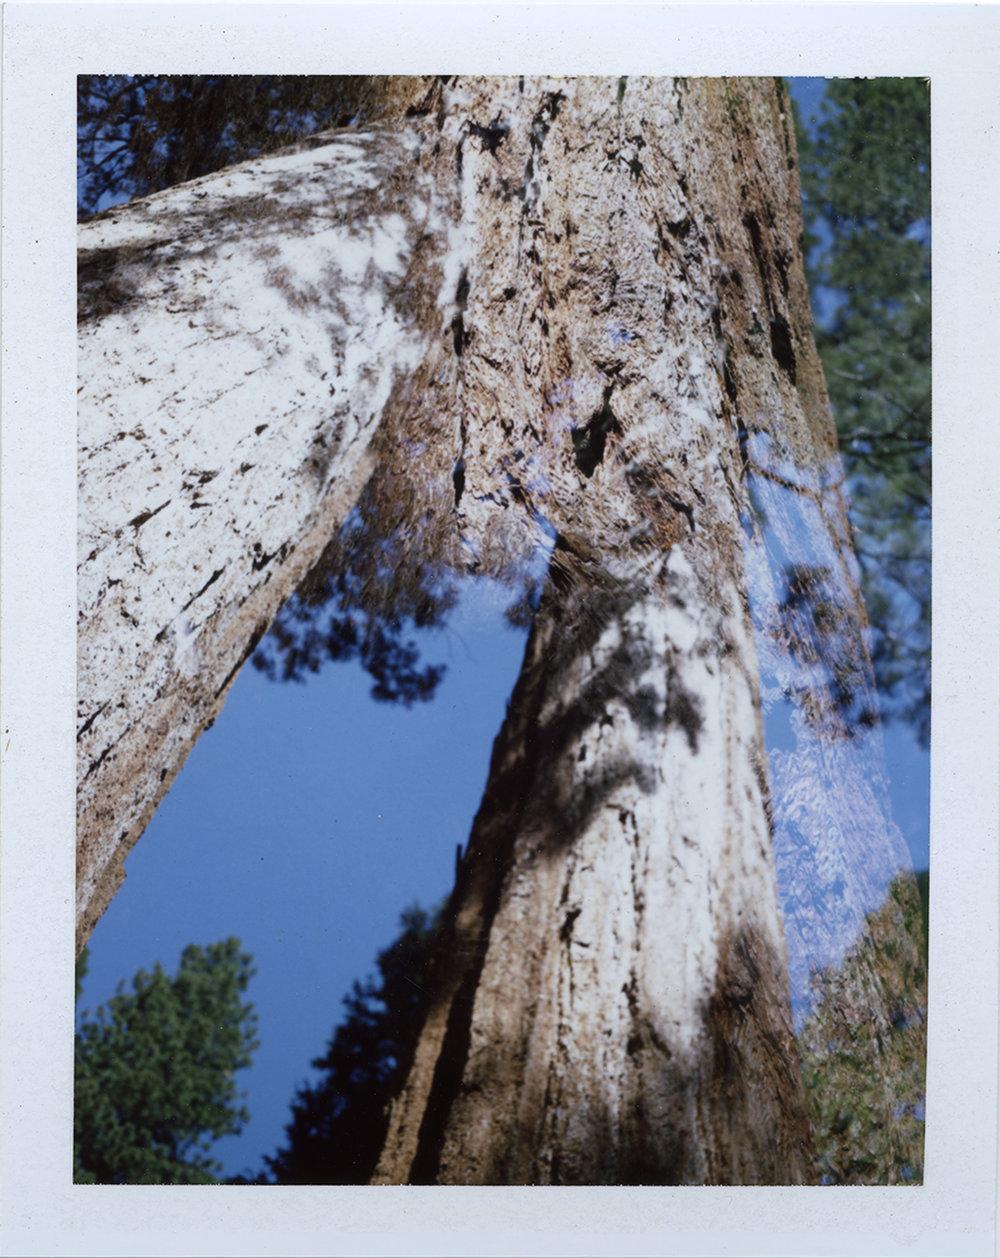 Parssi_Sequoia.jpg